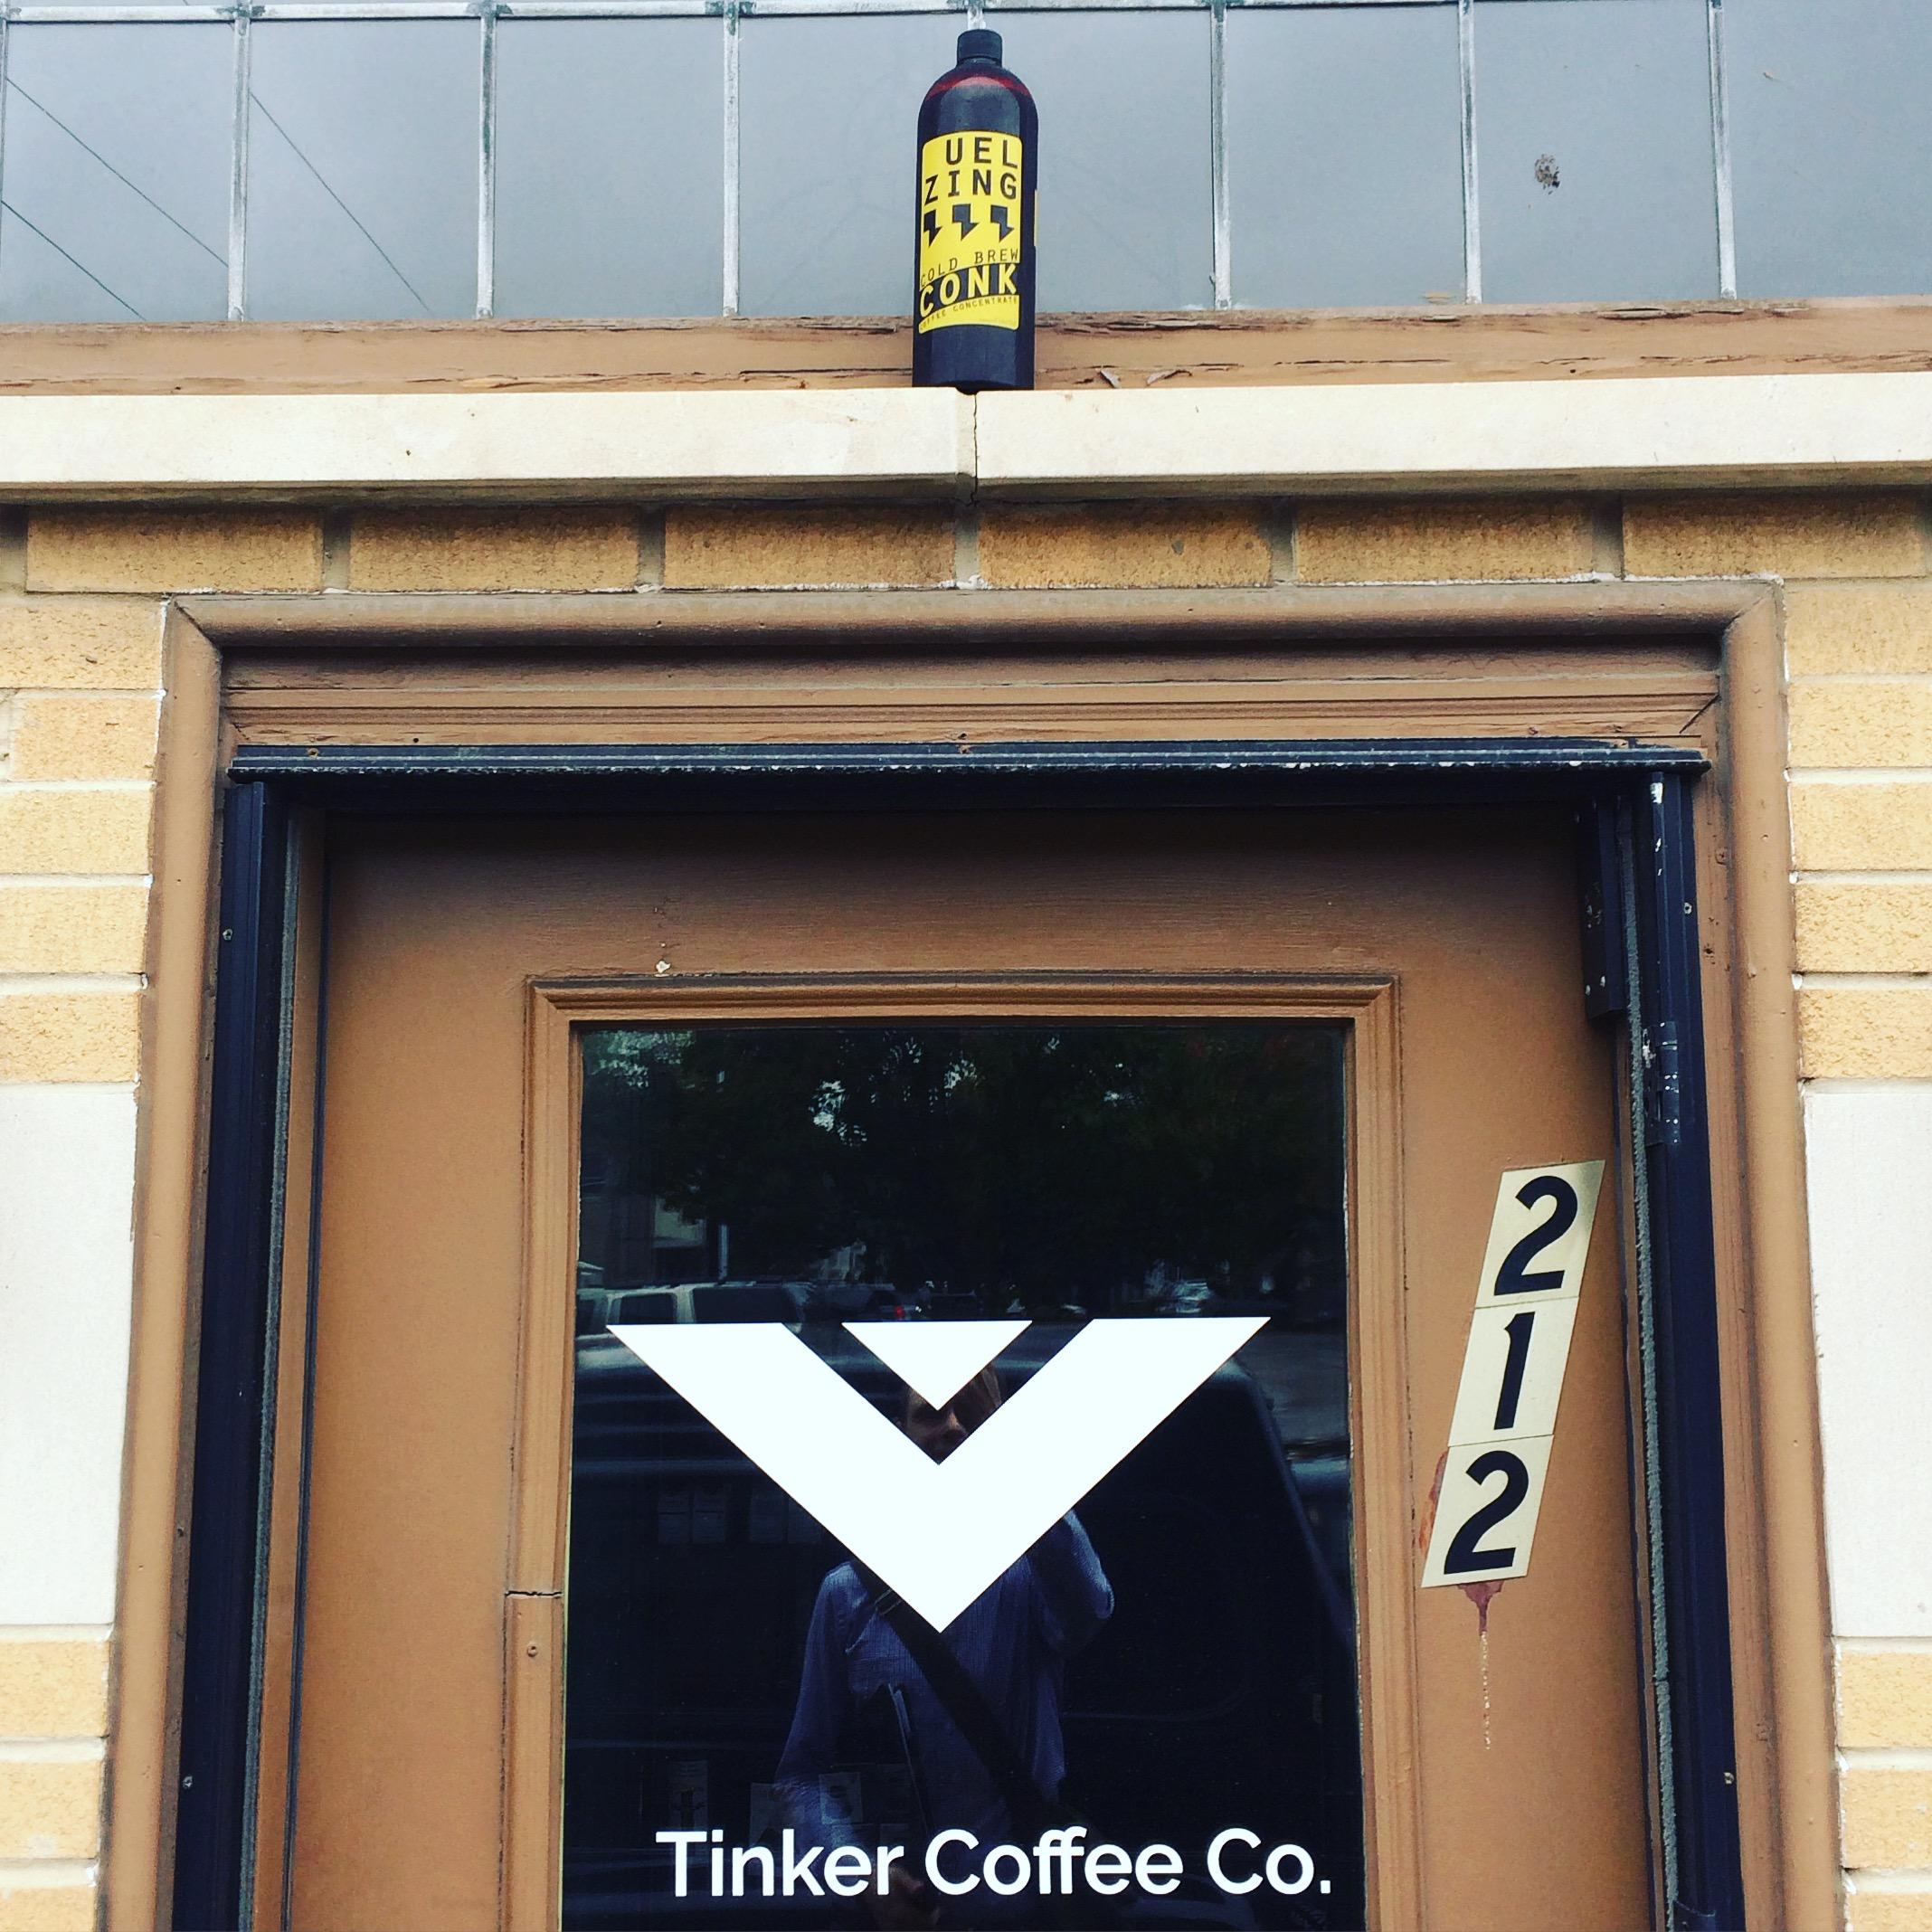 Uel Zing Tinker Coffee Conk Door